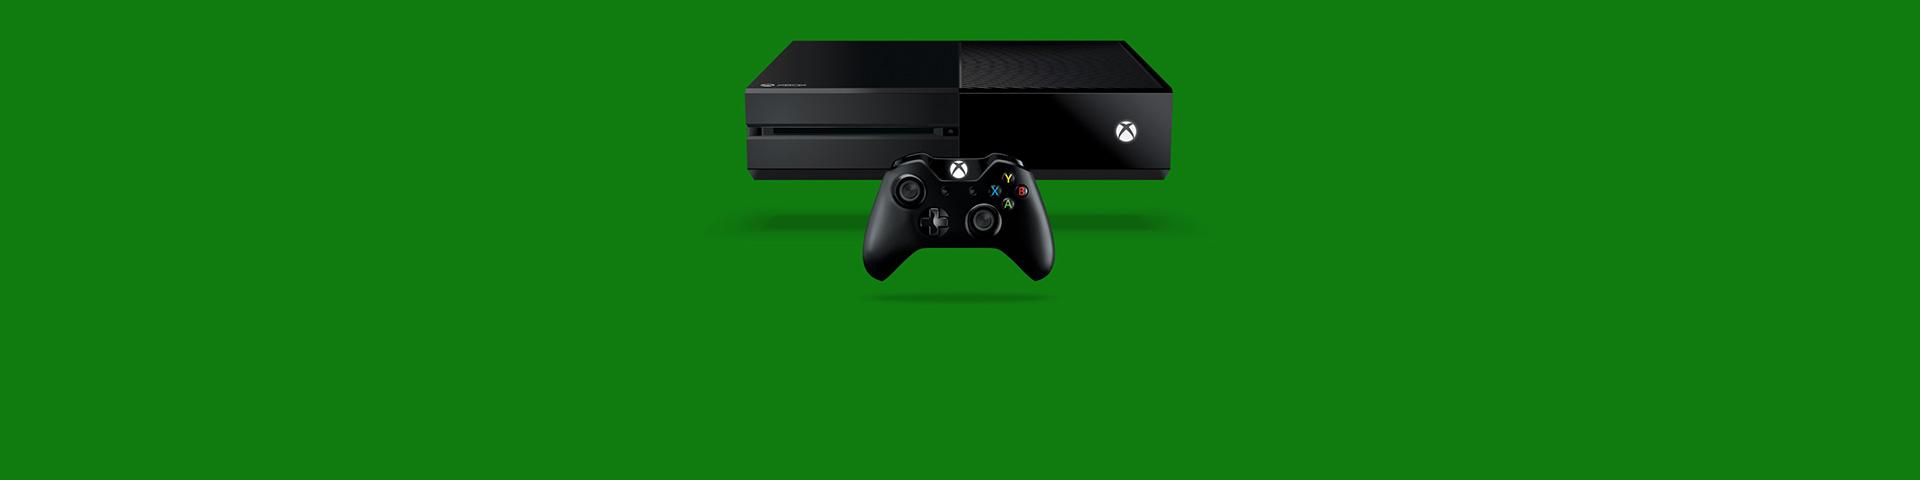 Una consola Xbox One con un control